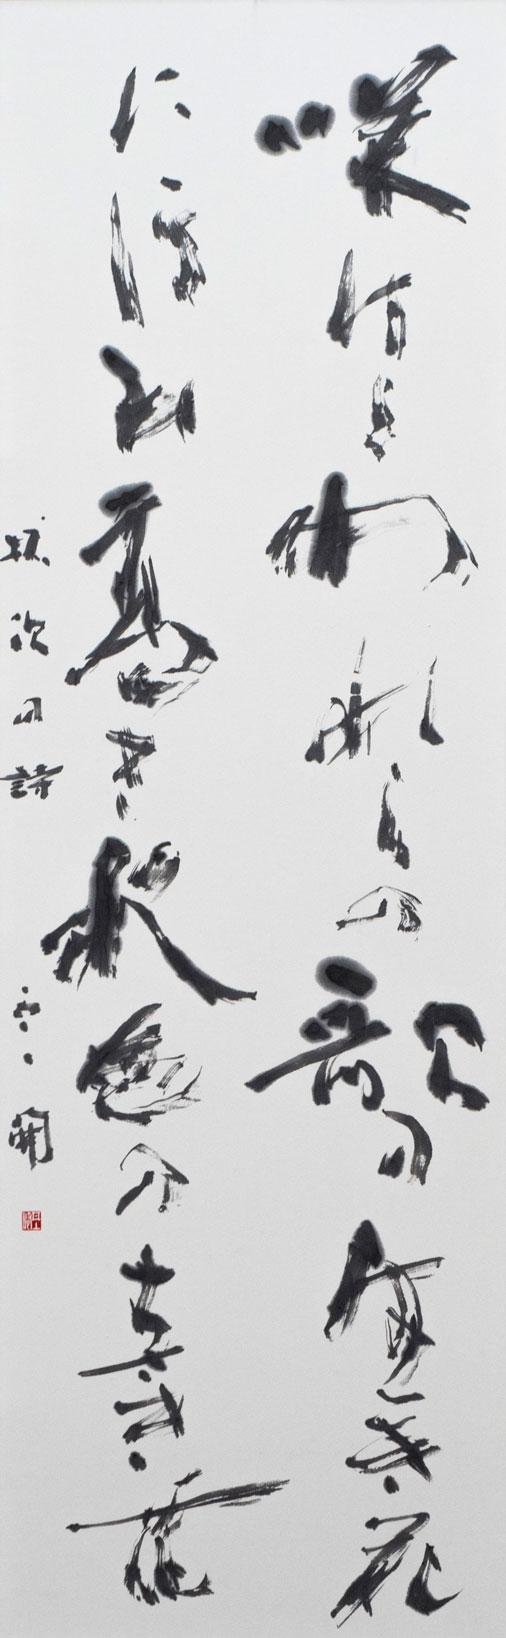 2017-jp-shodo-inspiration-471.jpg